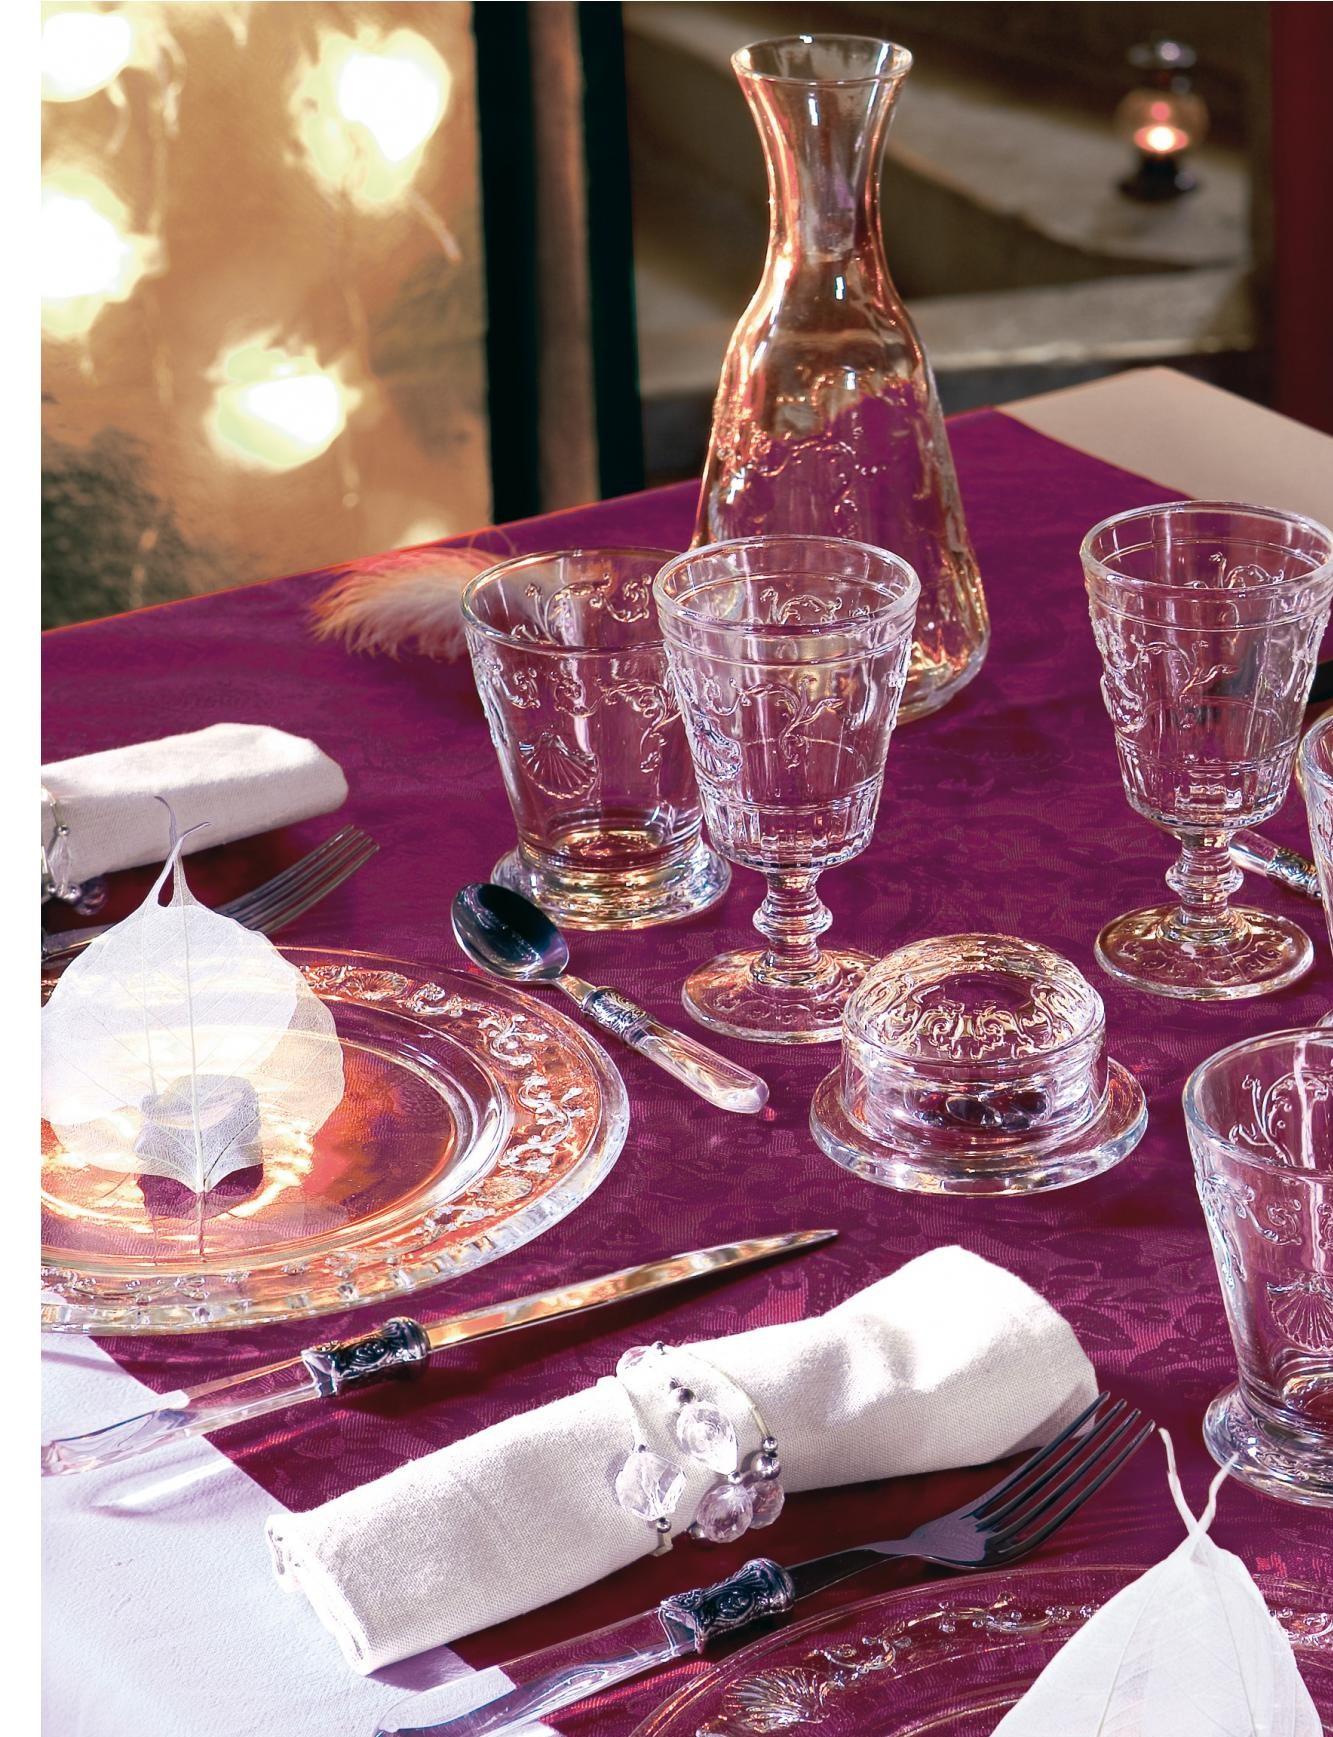 Сервировка стола: качественные изделия из хрусталя в интернет магазине Hrustal-mag.ru.